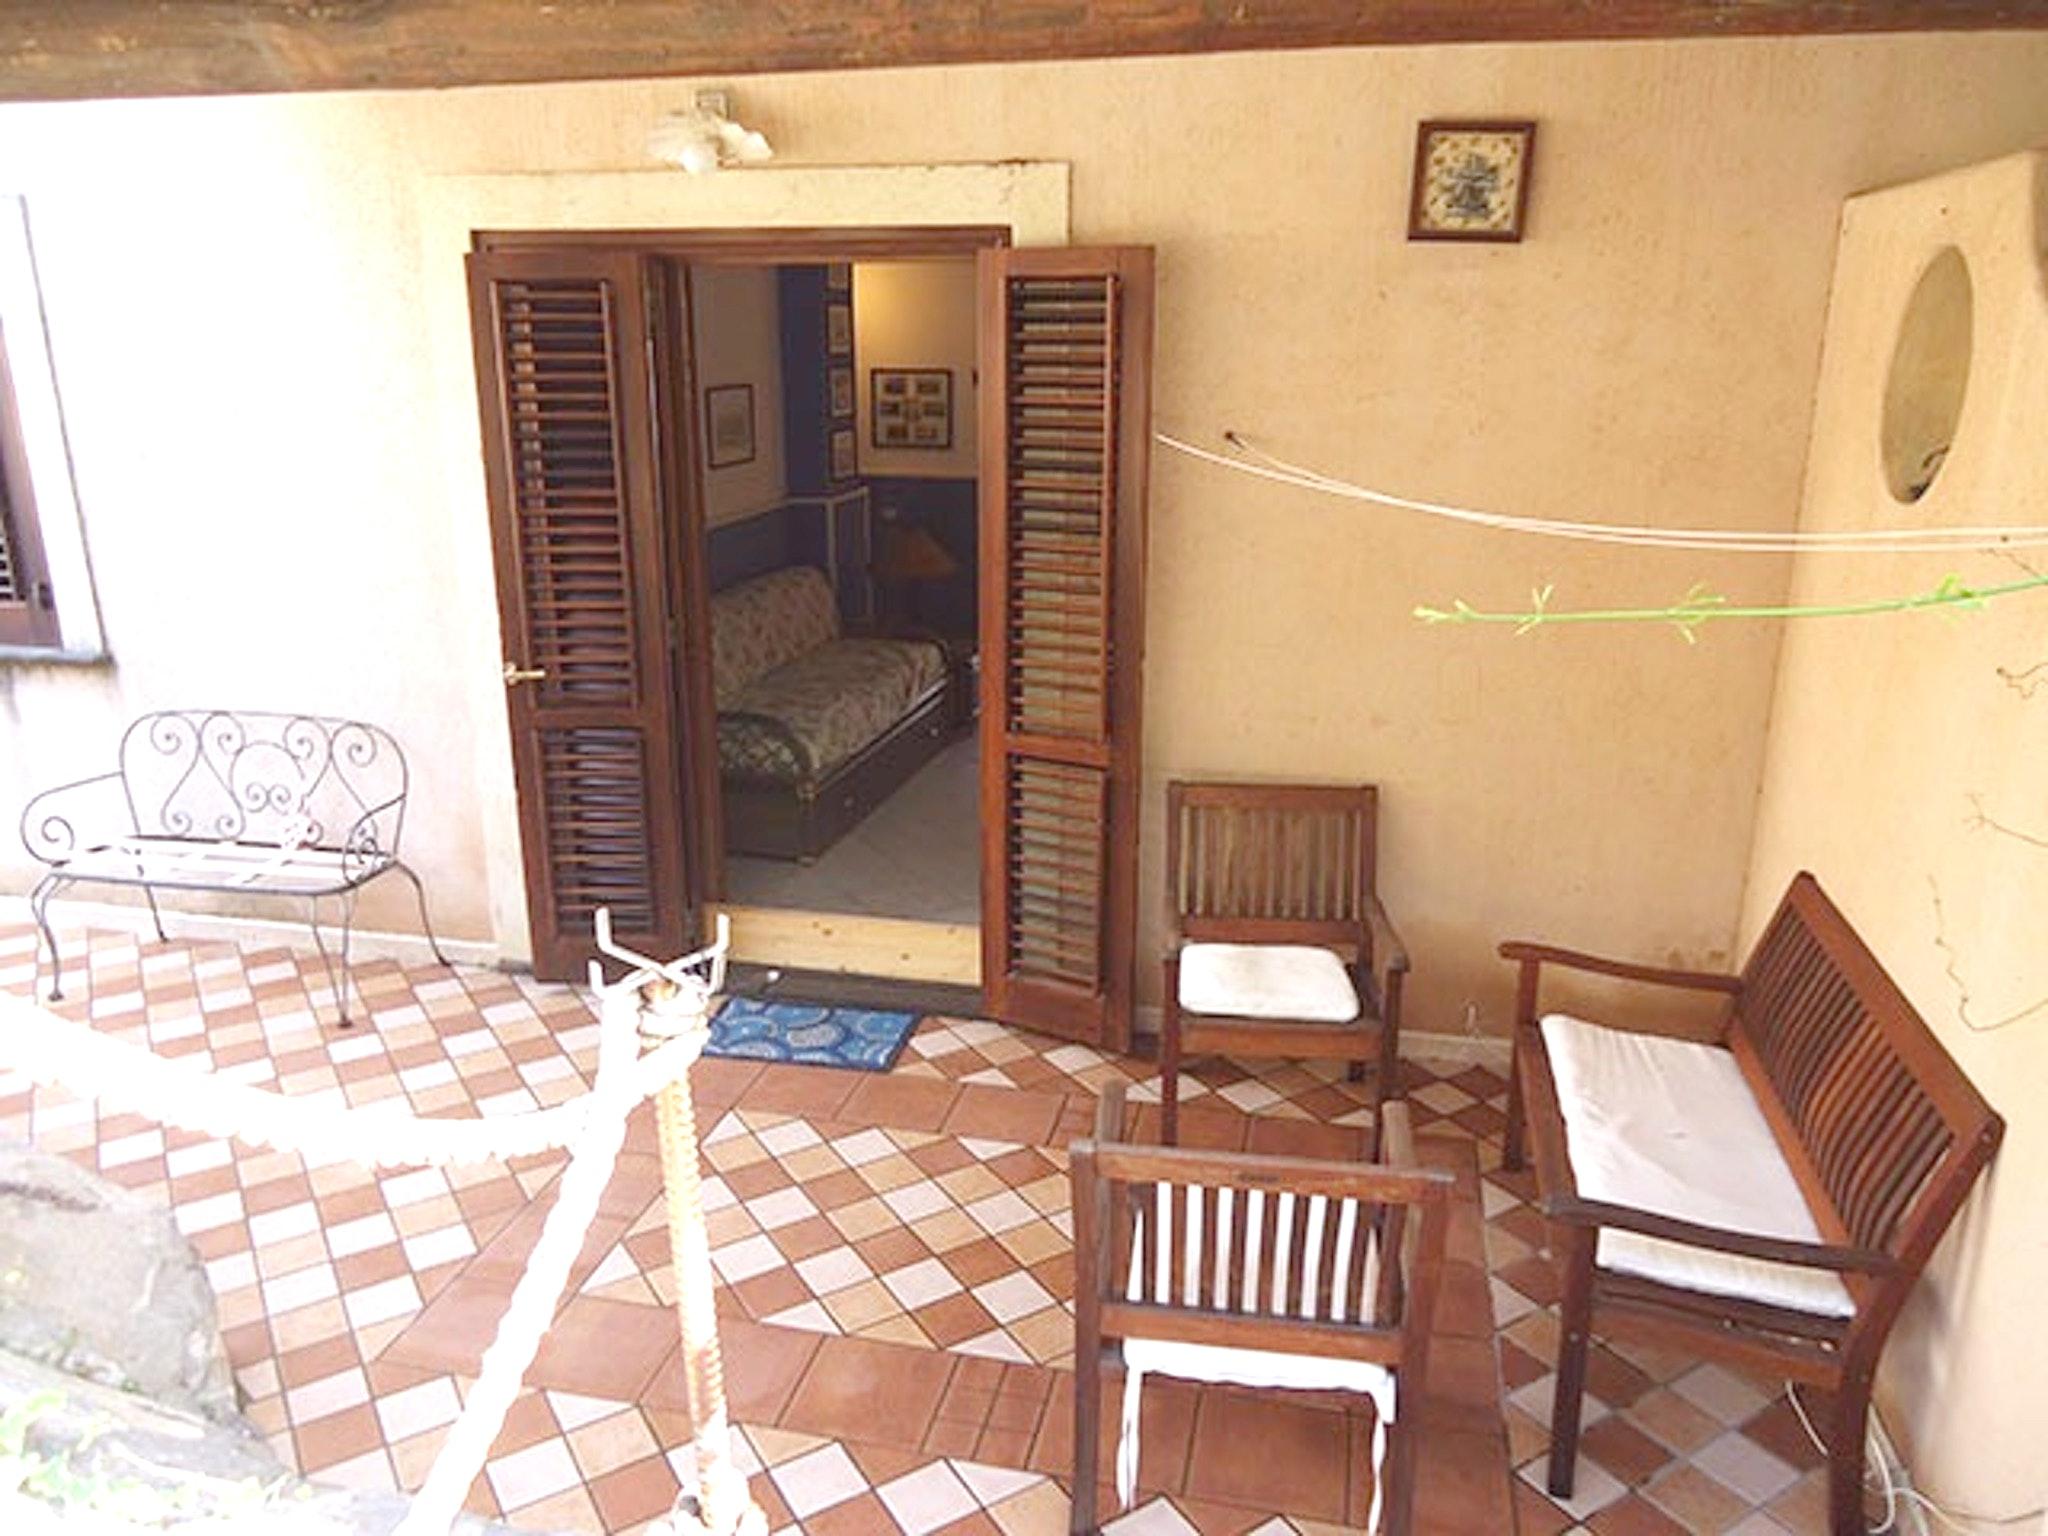 Appartement de vacances Wohnung mit 2 Schlafzimmern in Lipari mit möblierter Terrasse - 20 m vom Strand entfernt (2202323), Lipari, Lipari, Sicile, Italie, image 2